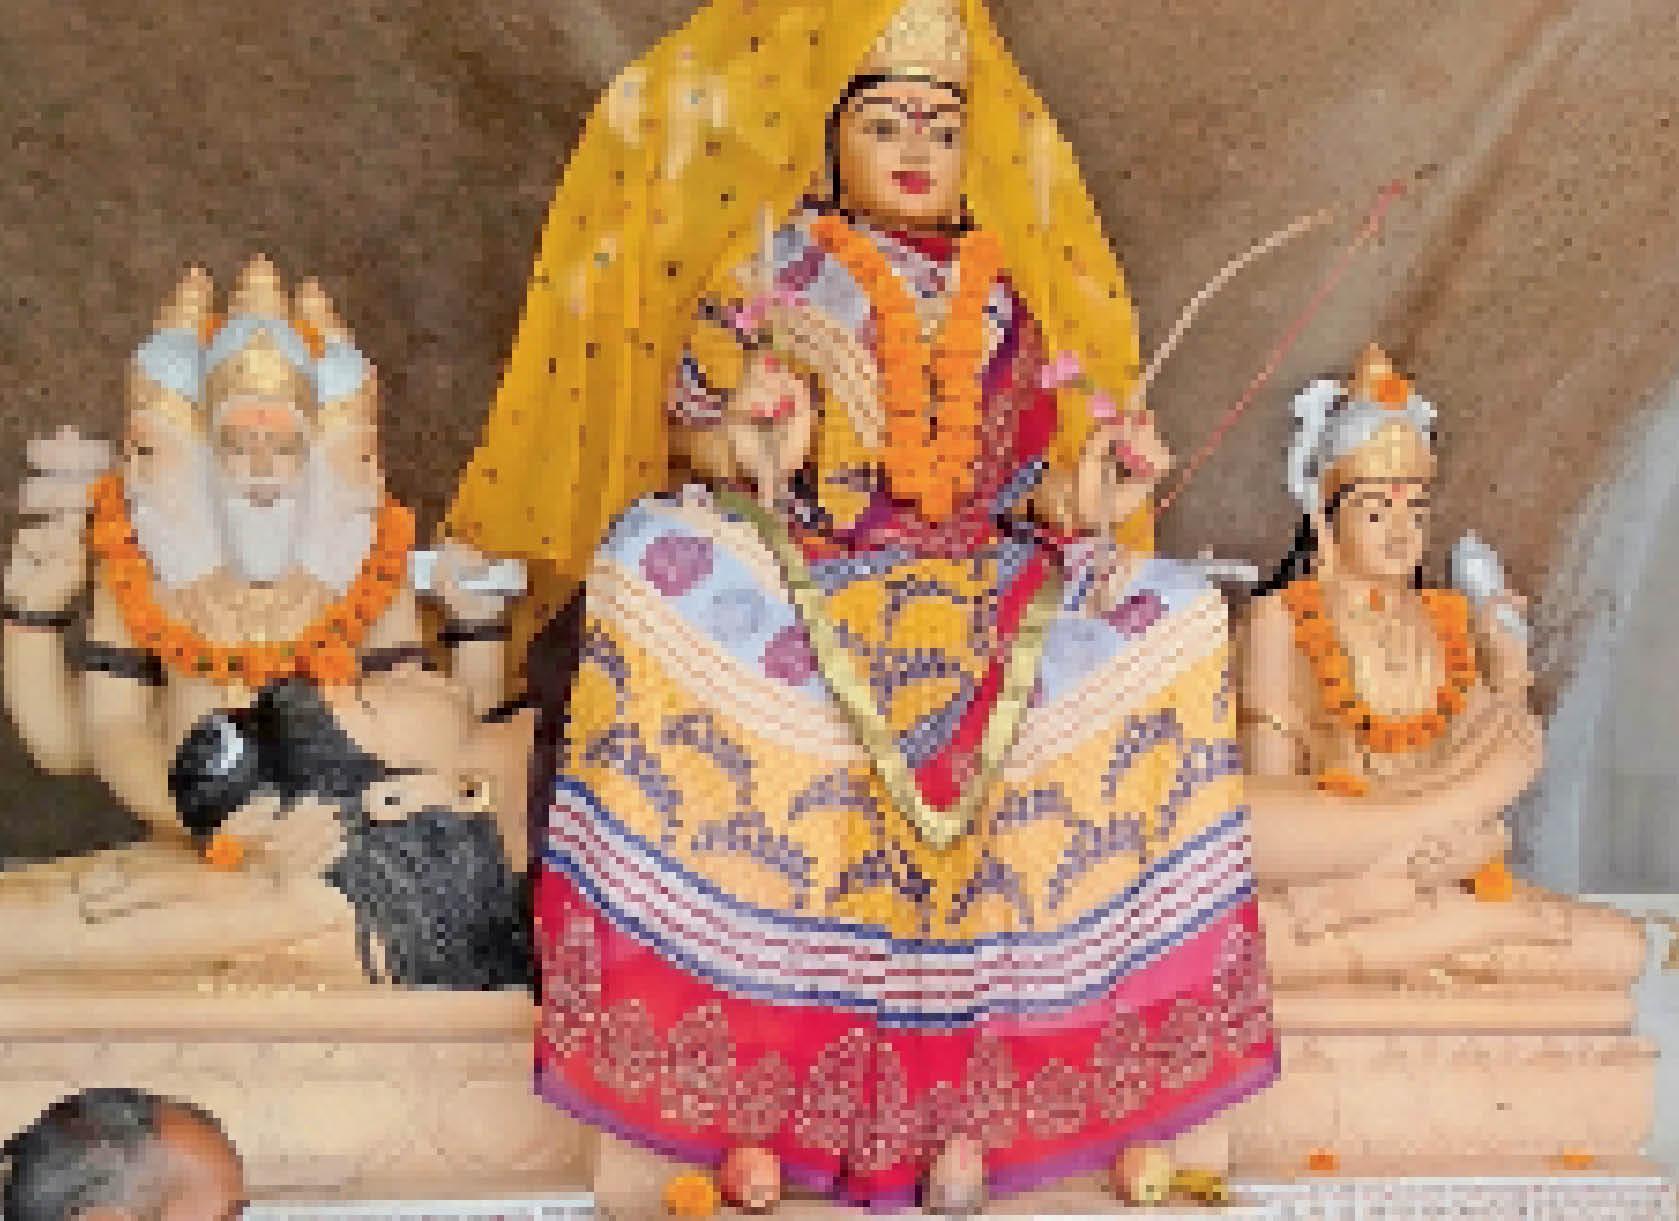 इकलौता मंदिर जहां, शिव पर विराजित हैं मां ललिता, सिर ब्रह्मा, पैर विष्णु की गोद में सिरोही,Sirohi - Dainik Bhaskar